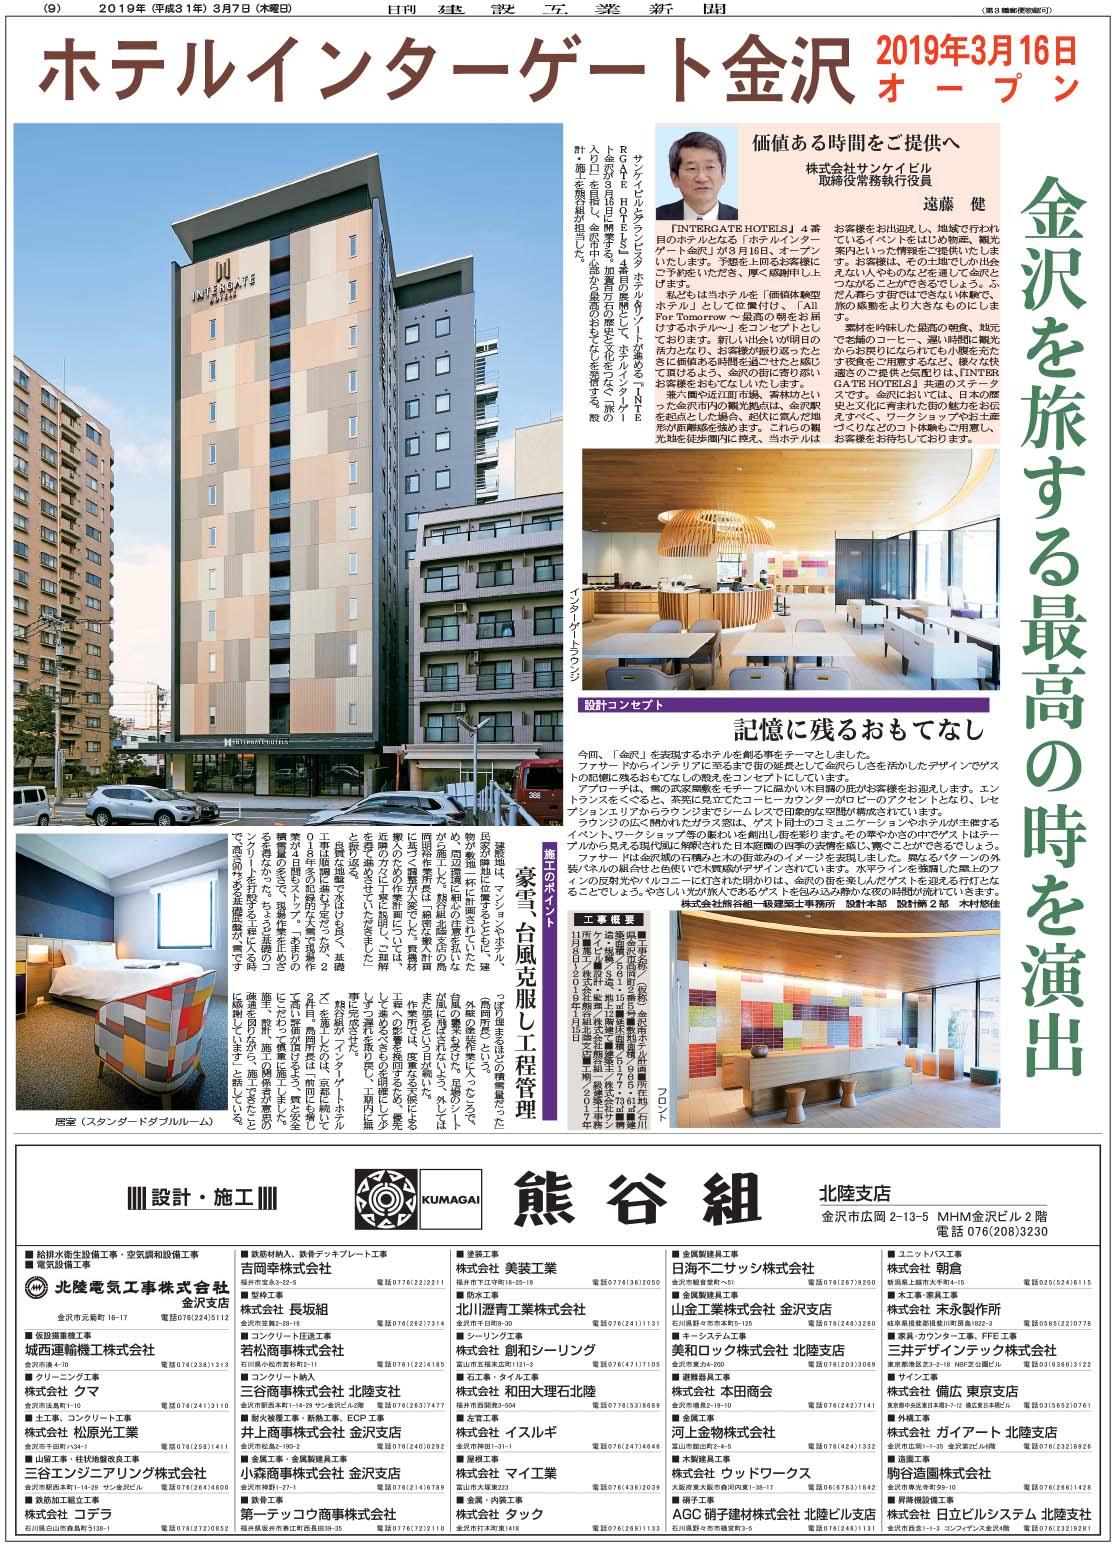 金沢 ゲート ホテル インター